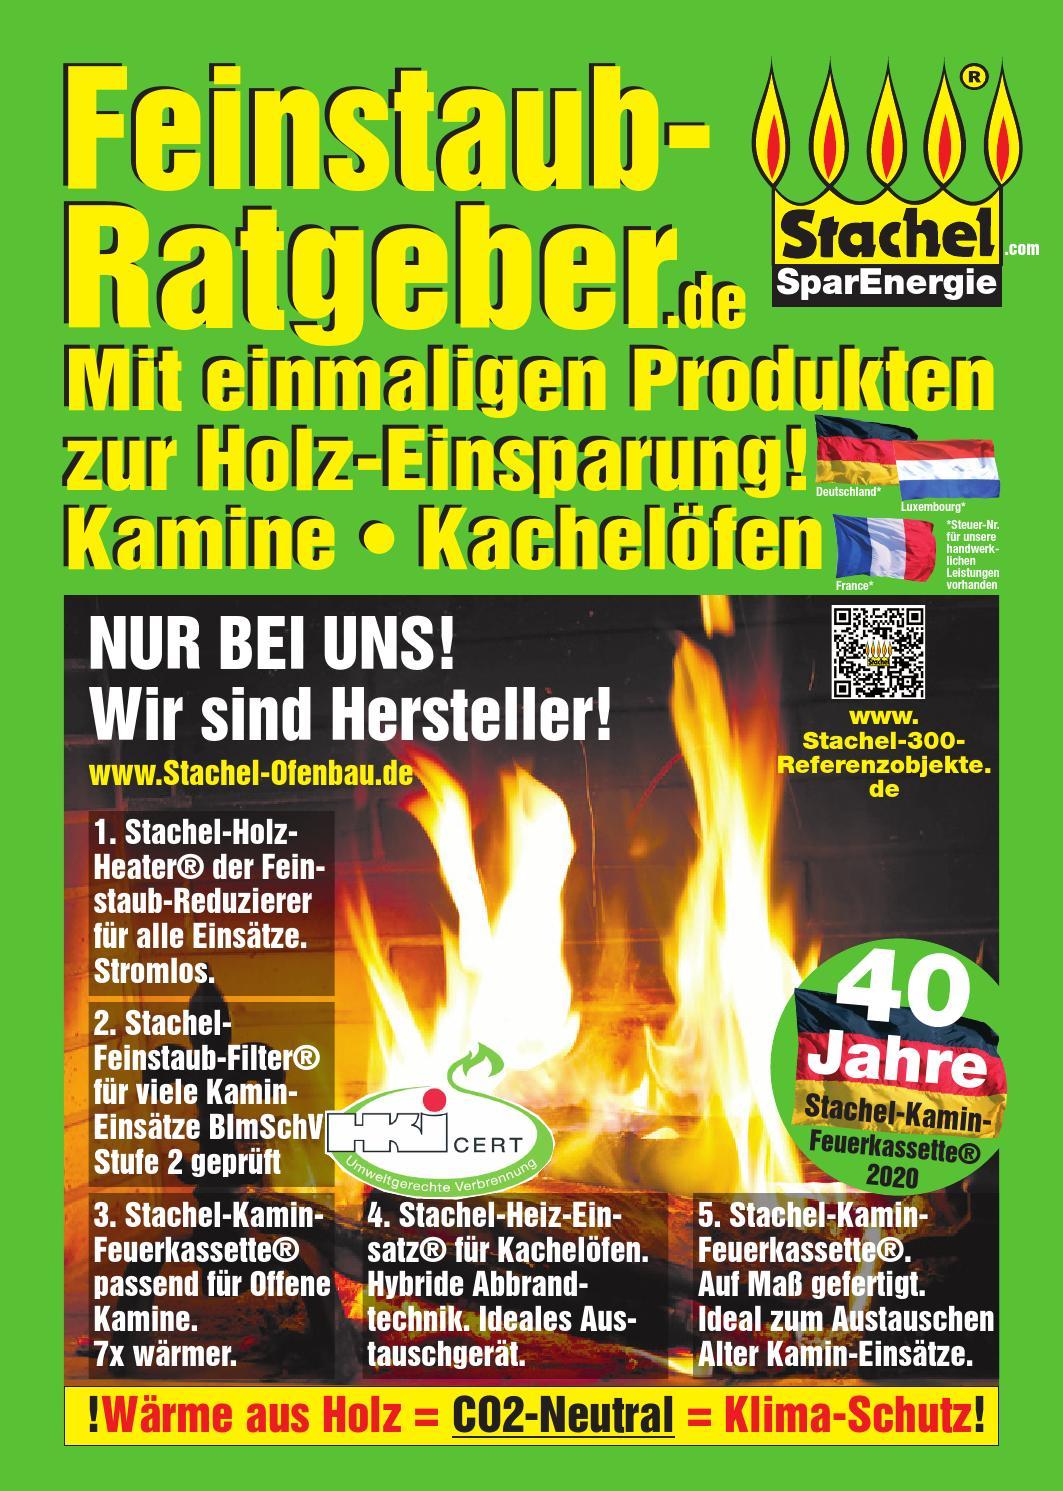 Stachel Feinstaub Ratgeber By Saarbrucker Verlagsservice Gmbh Issuu